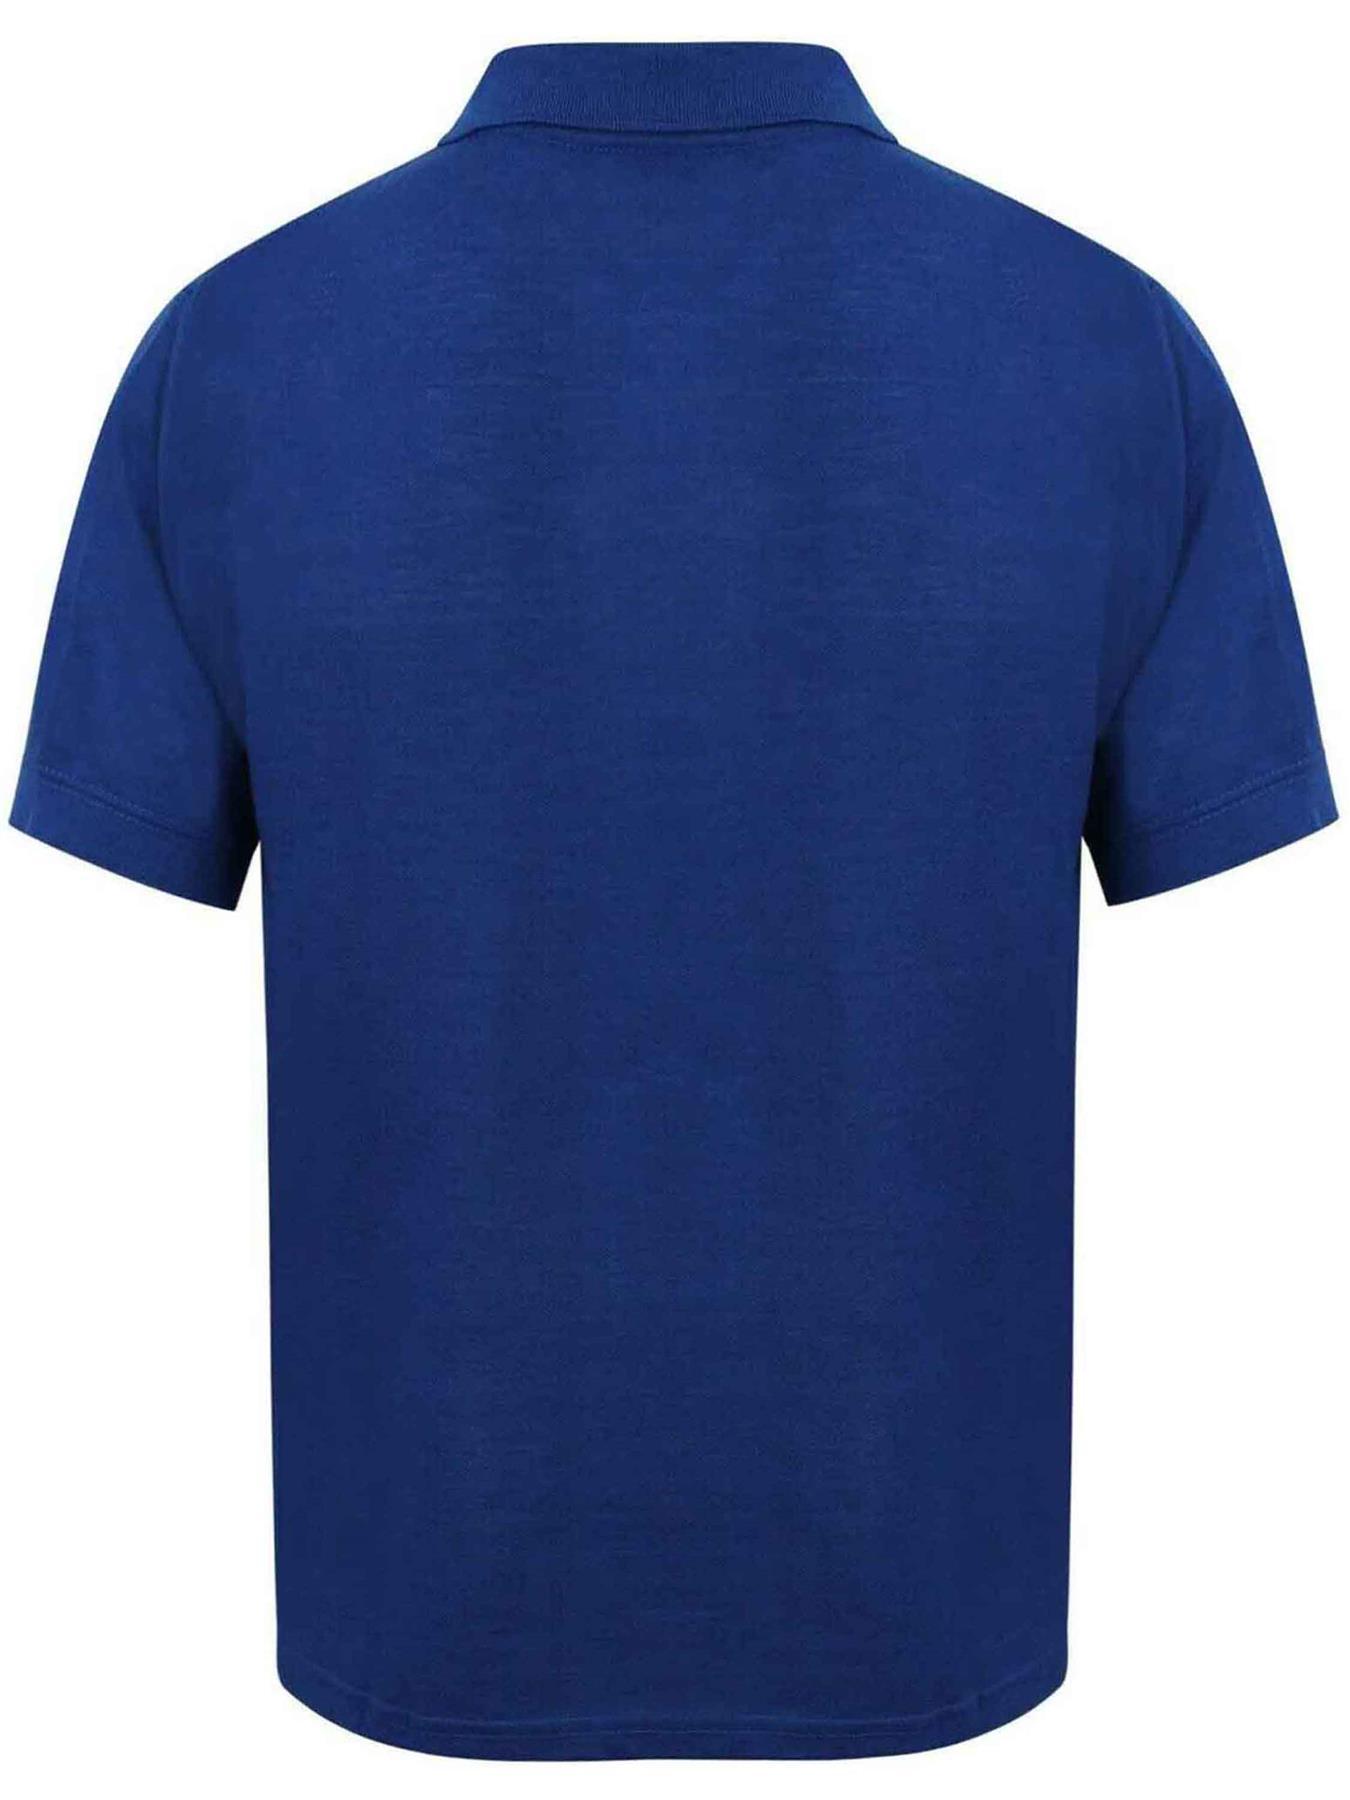 Indexbild 56 - Herren Polohemd Freizeit T-Shirts Neu Schlicht Kurzärmeliges Regular Fit